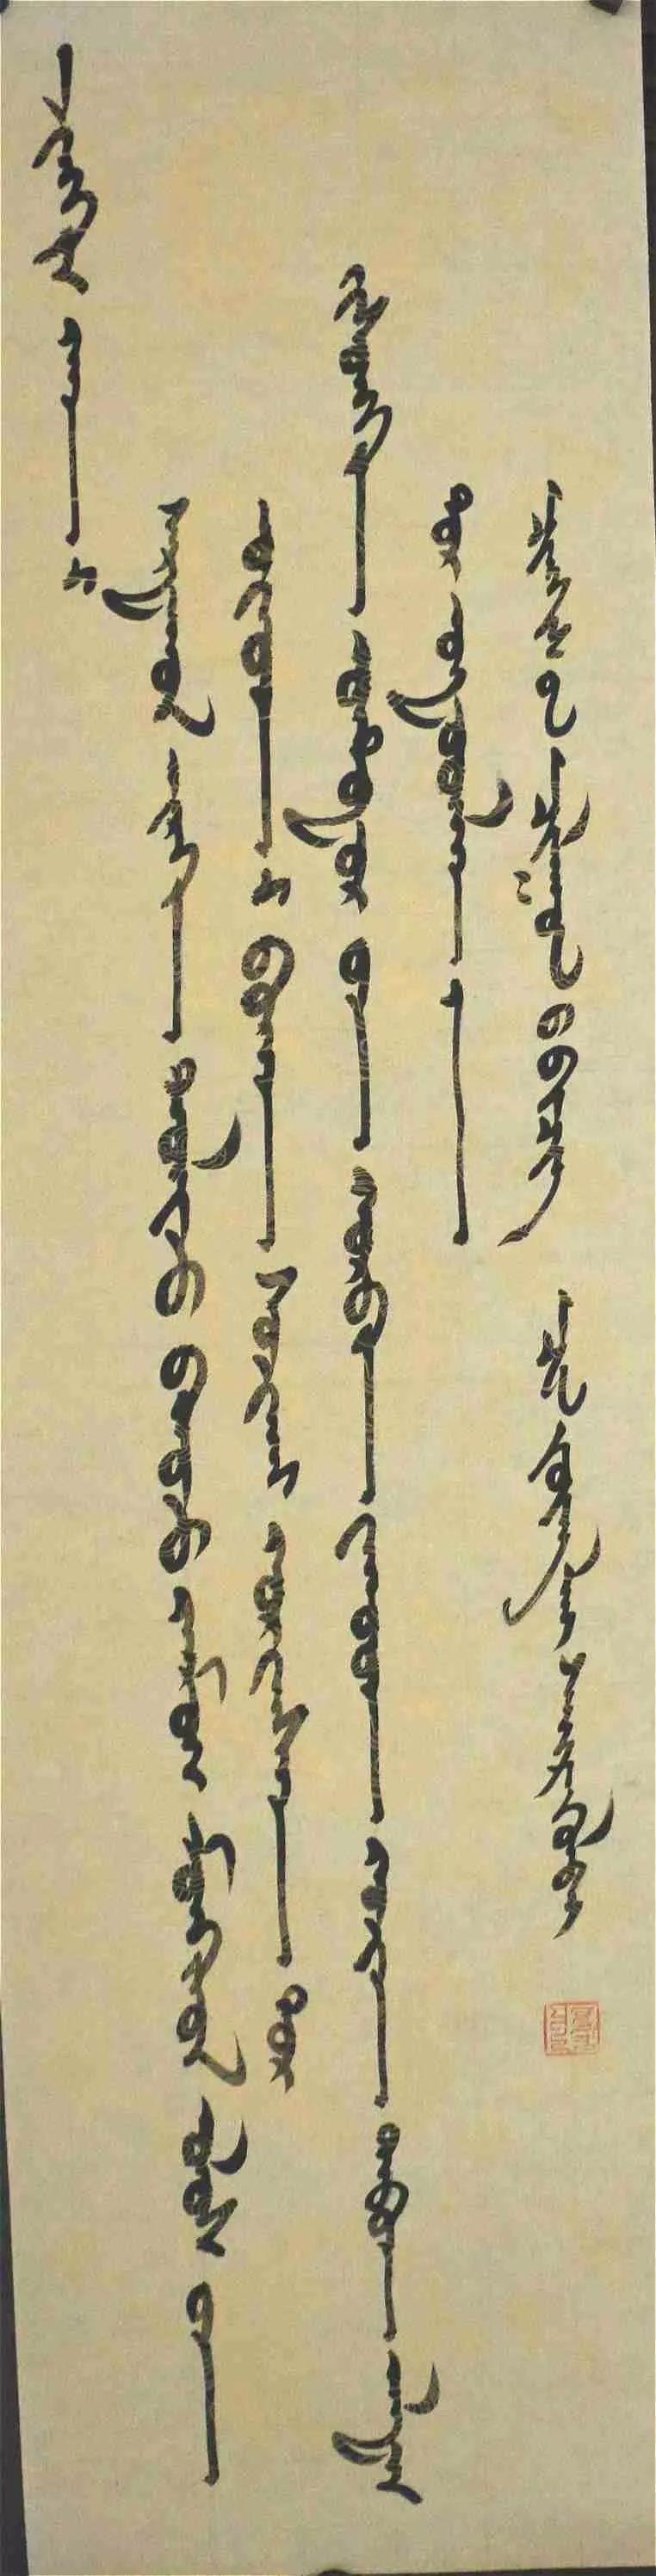 【好看】陈忠来书法作品欣赏 第18张 【好看】陈忠来书法作品欣赏 蒙古书法